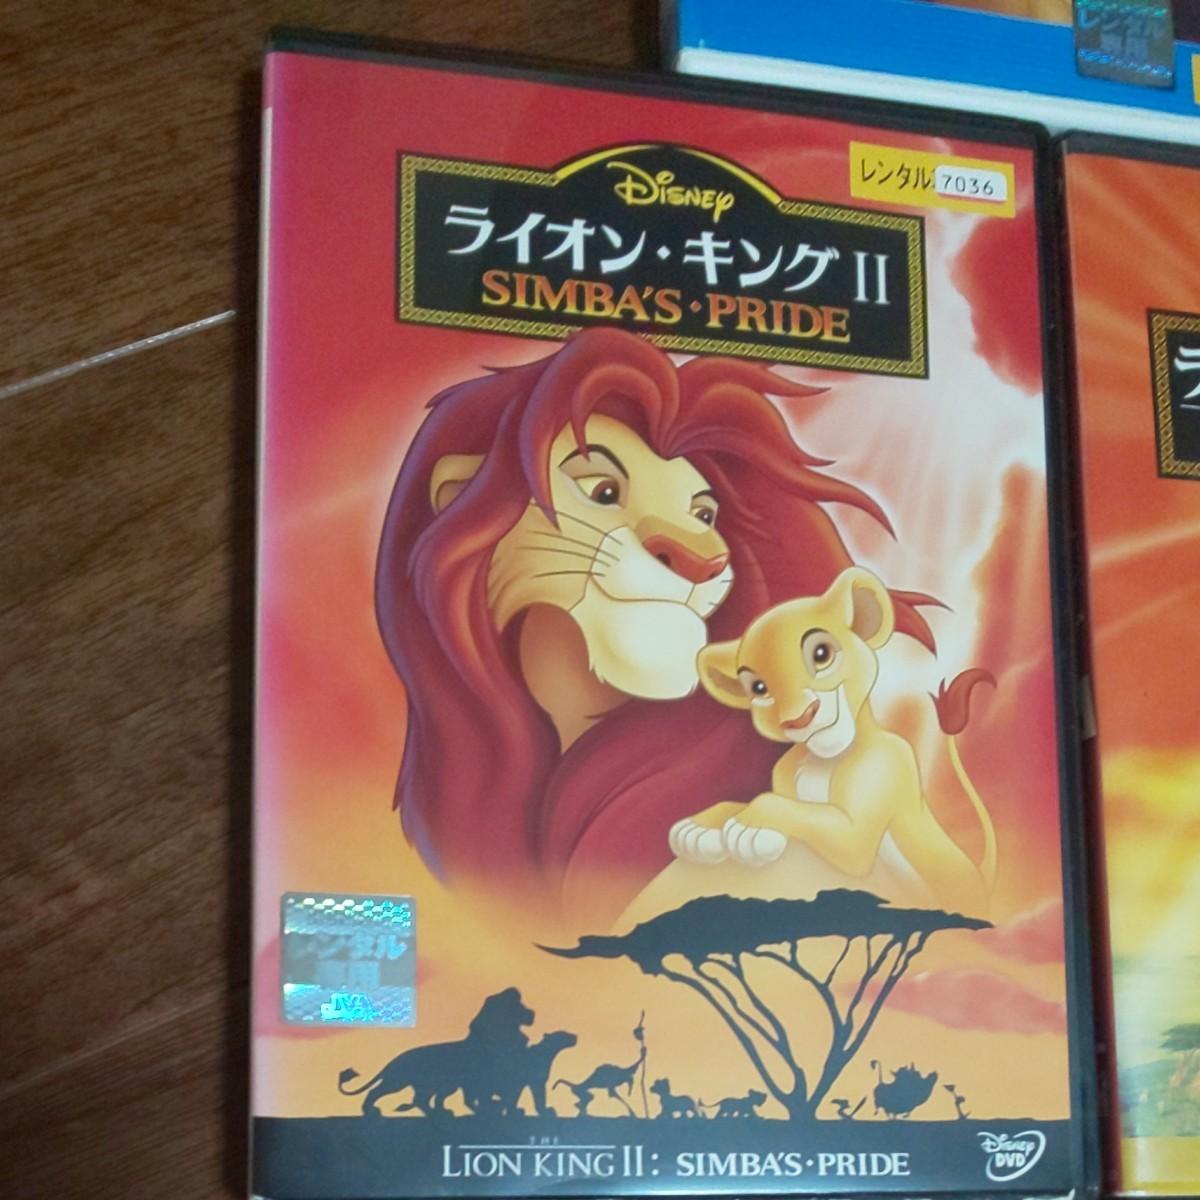 DVD ディズニー ライオンキング Disney ライオン・キング ライオンキング3 ディズニーDVD